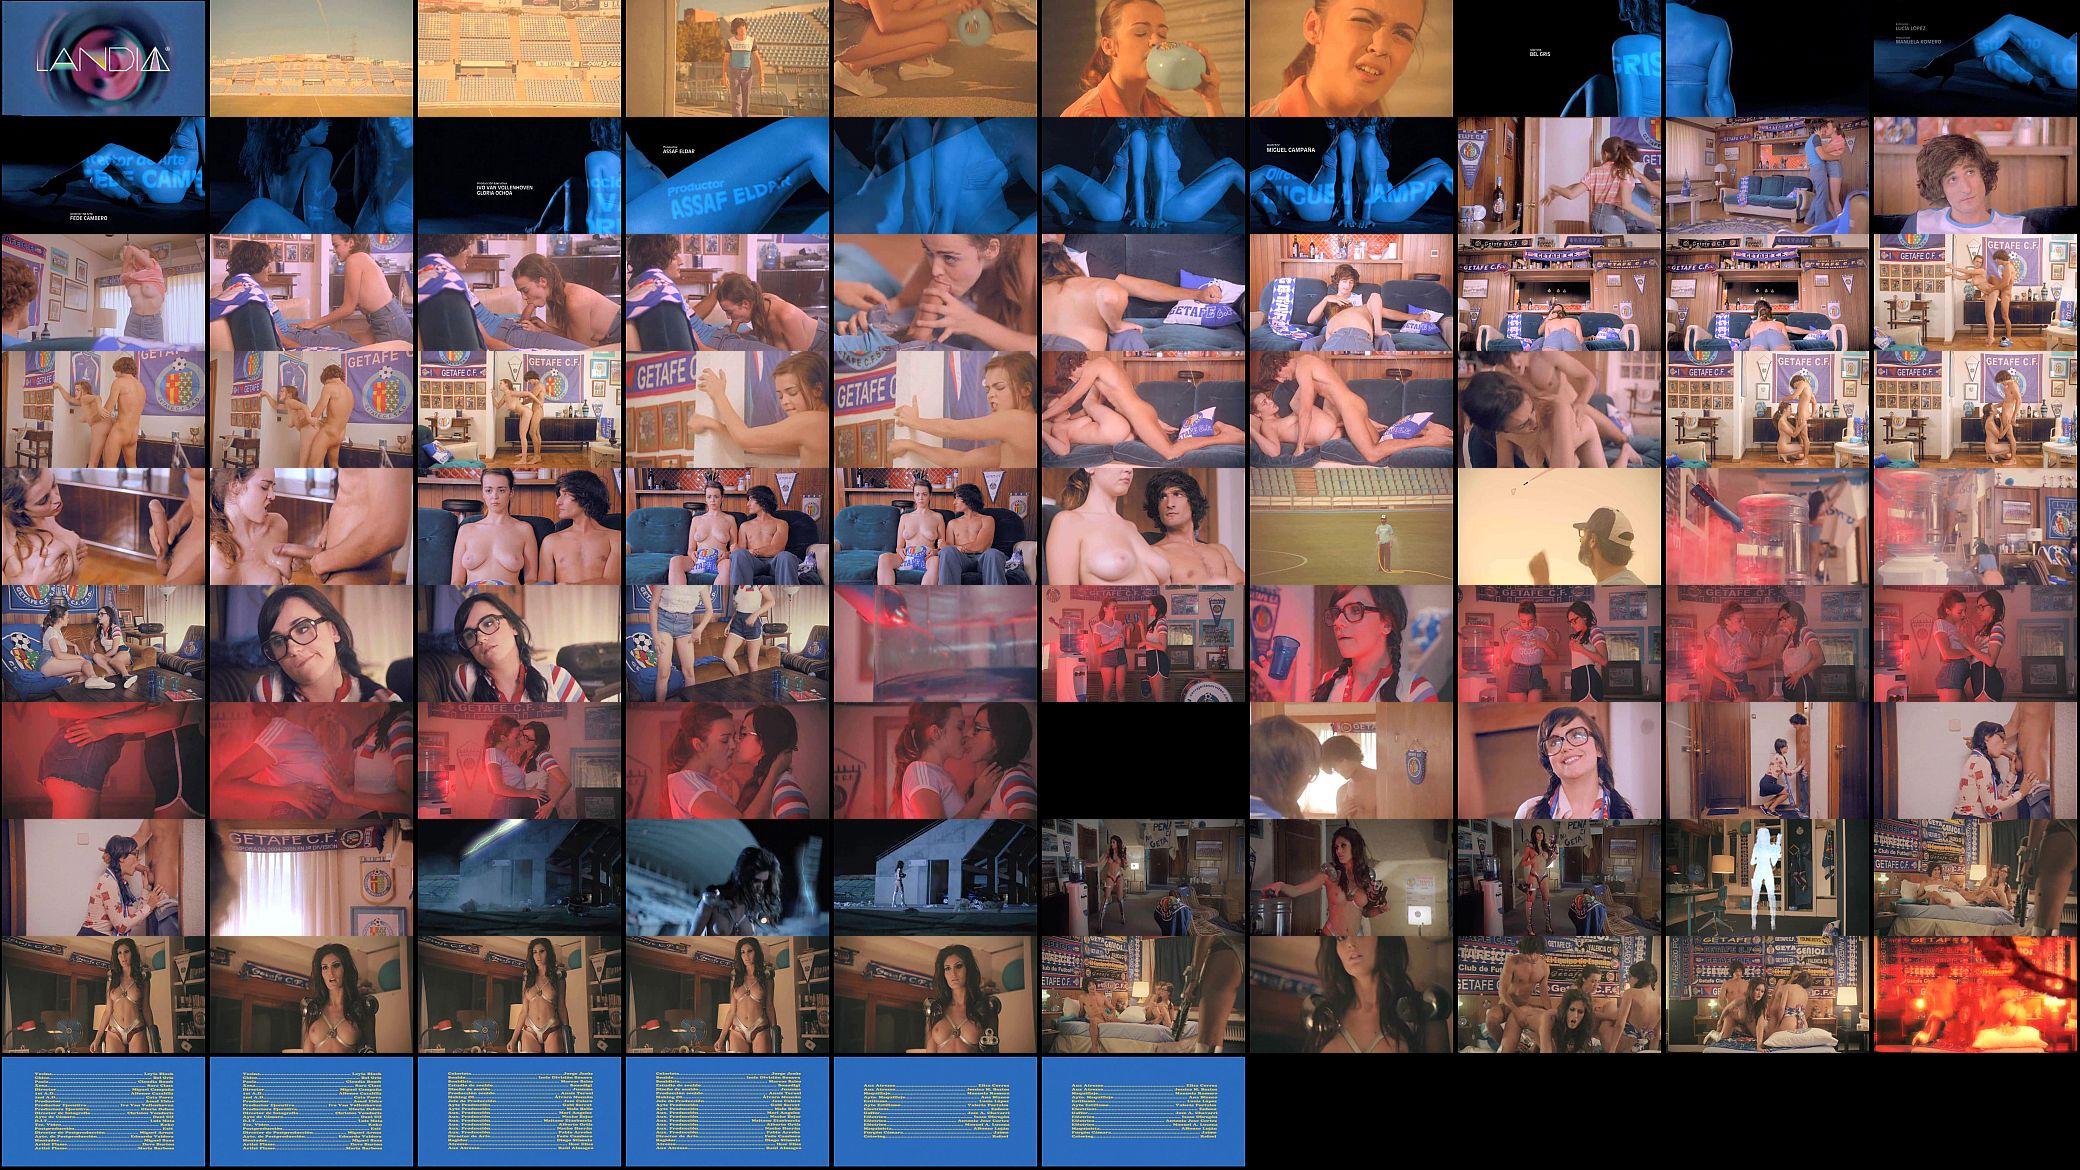 Anuncios Porno Getafe zombies calientes del getafe - xvideos